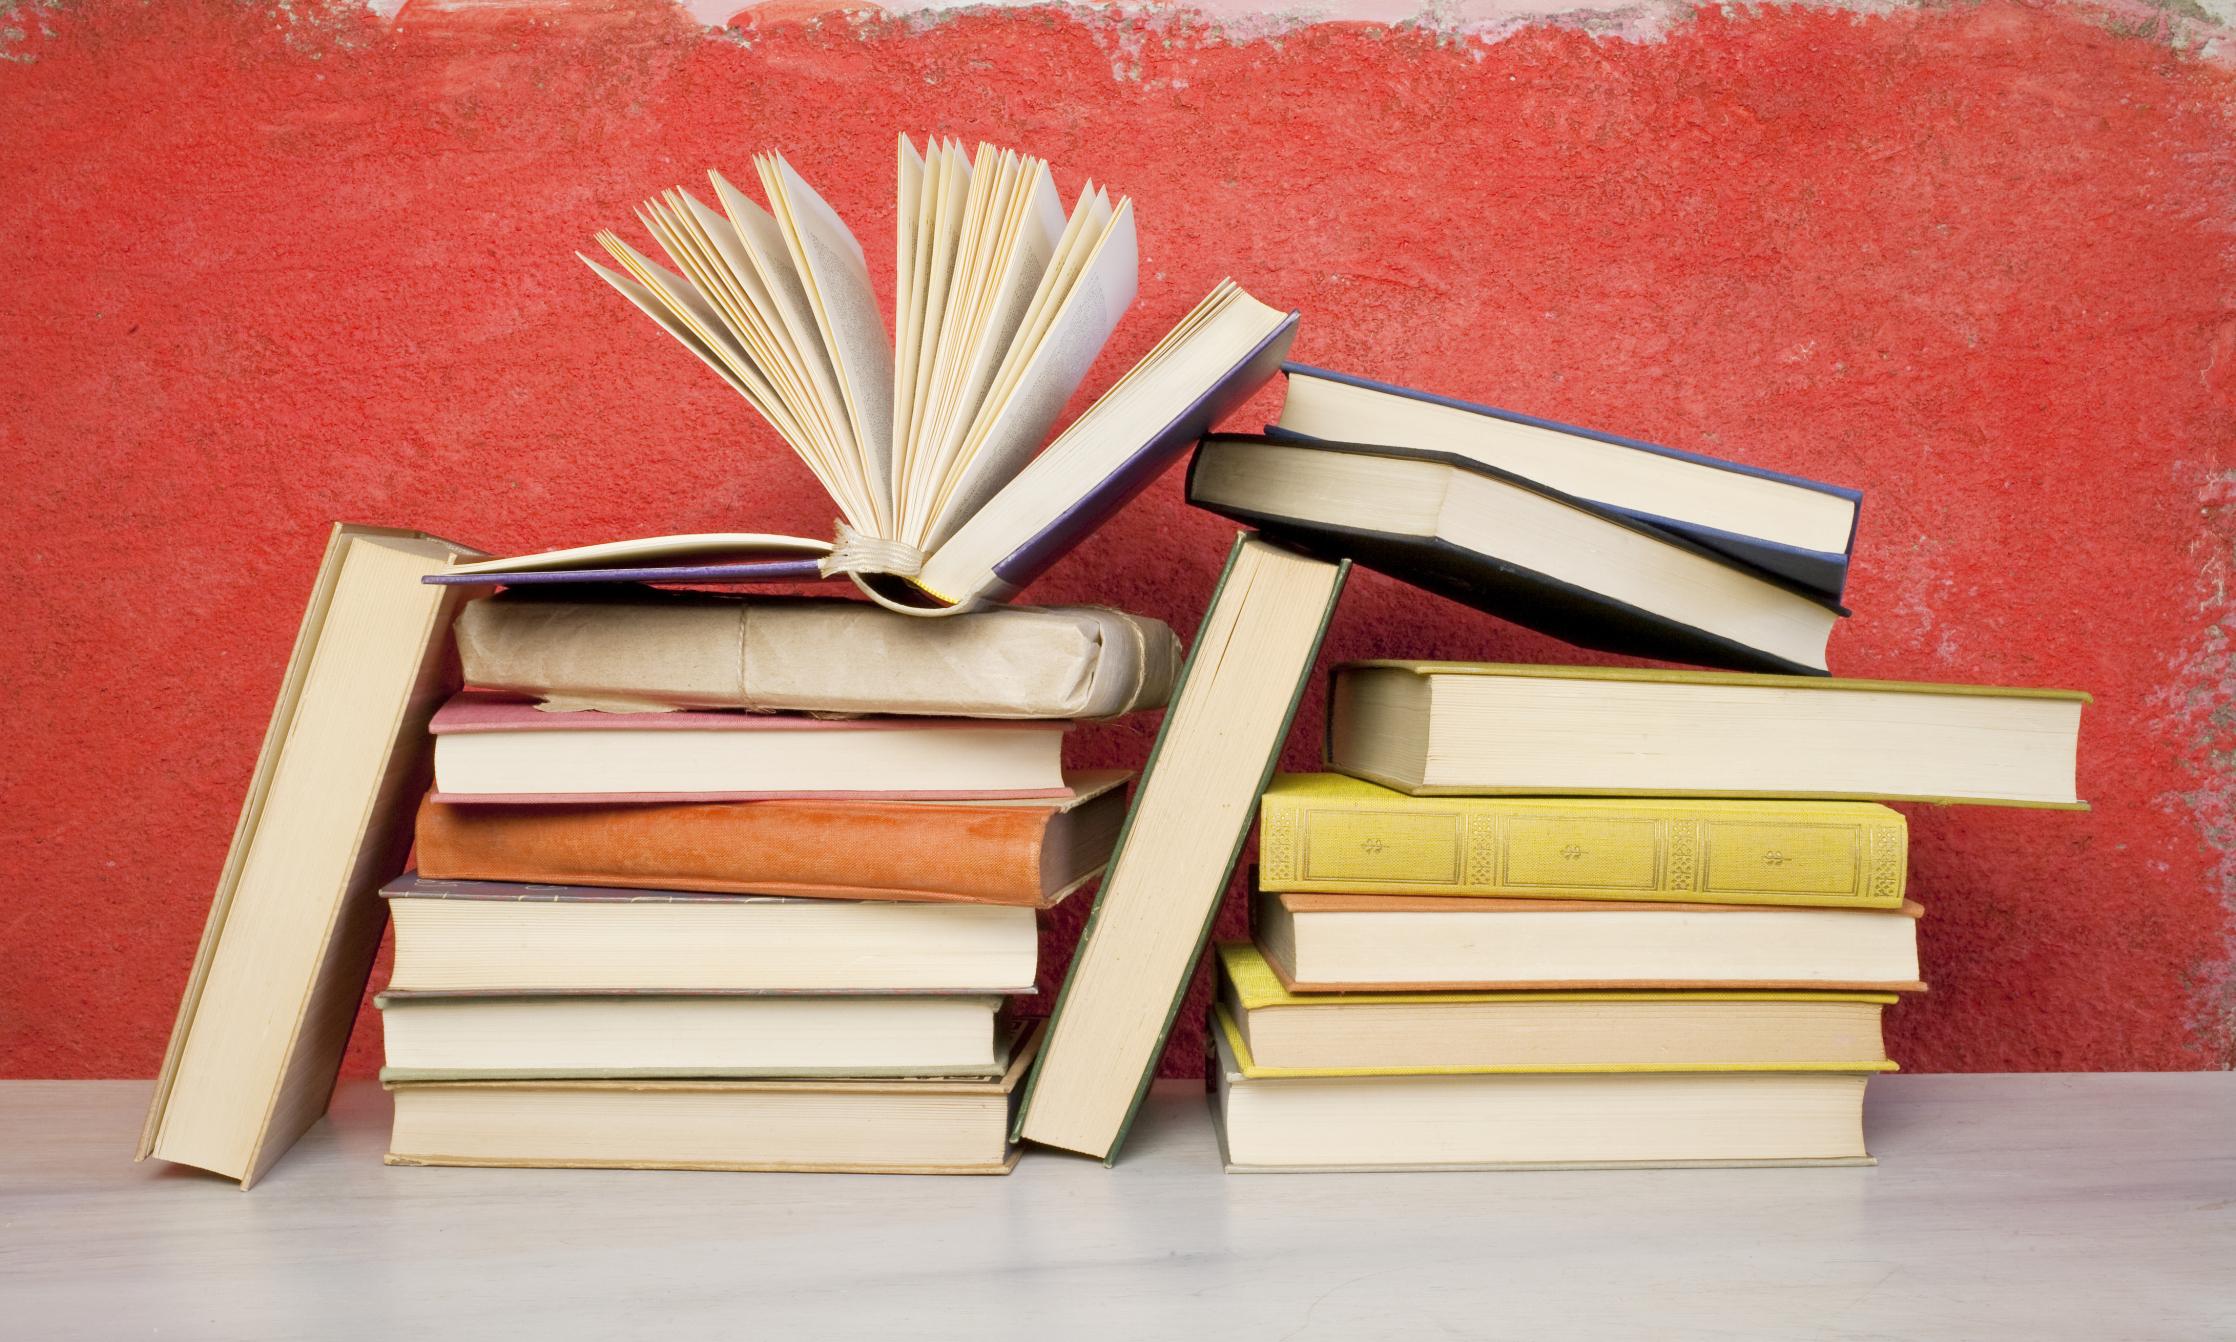 Universit comprare il libro di testo obbligatorio for Foto di un libro